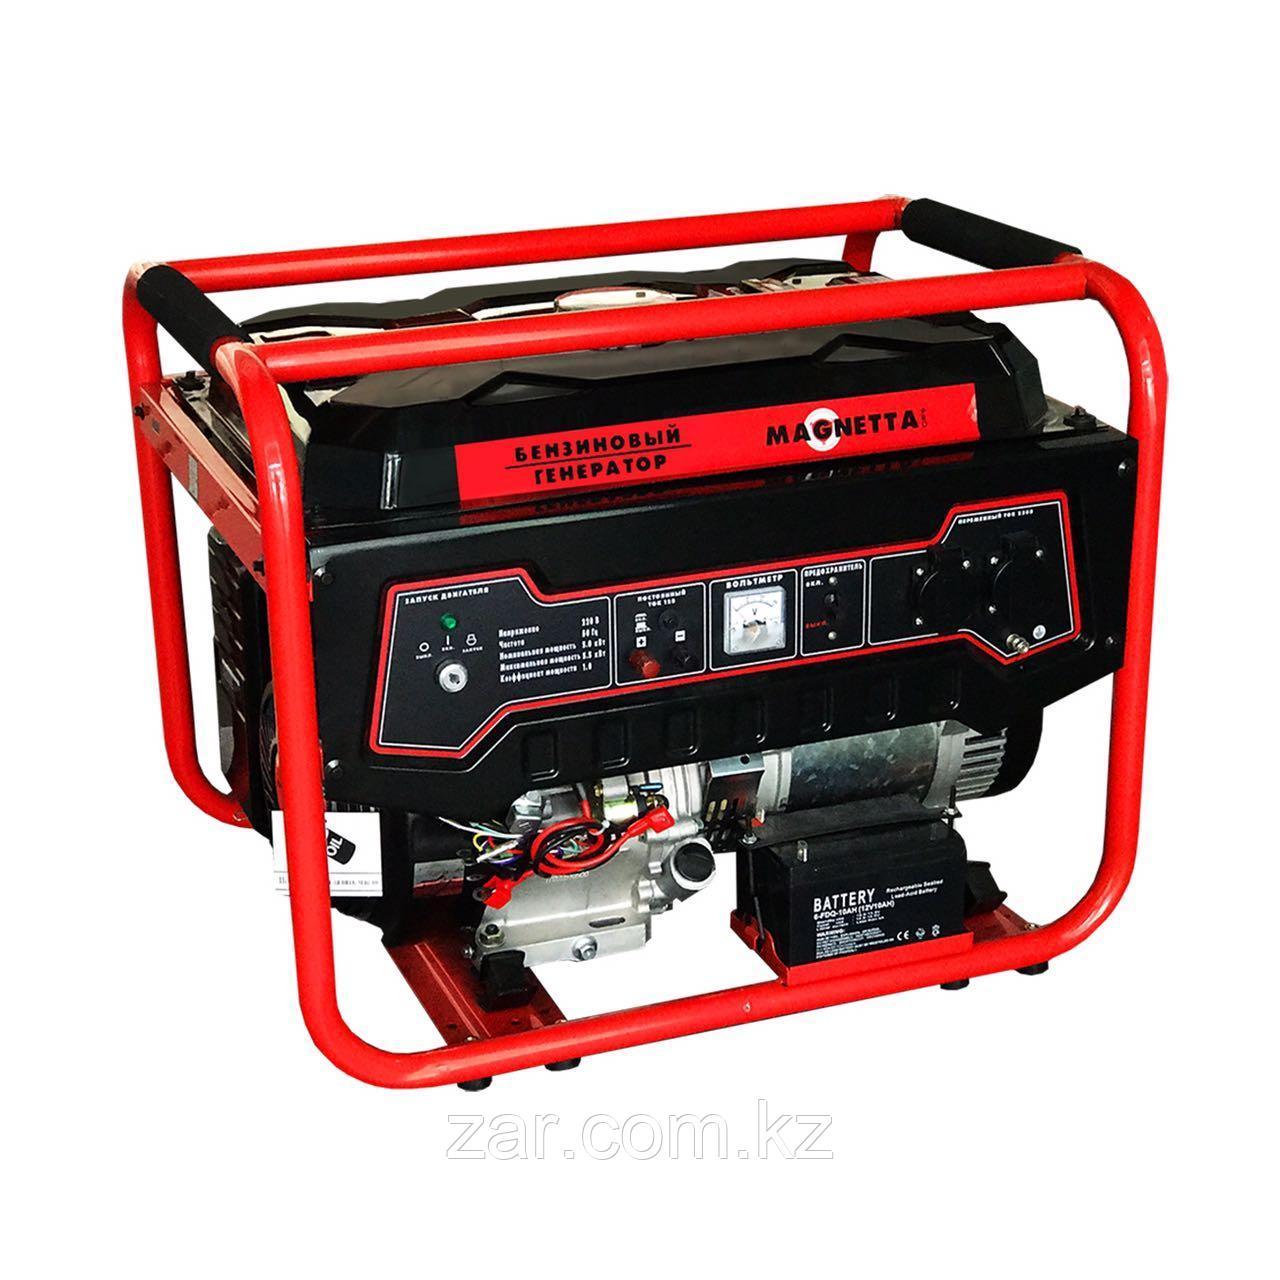 Бензиновый генератор - Magnetta GFE 2800(электростартер/ручной)